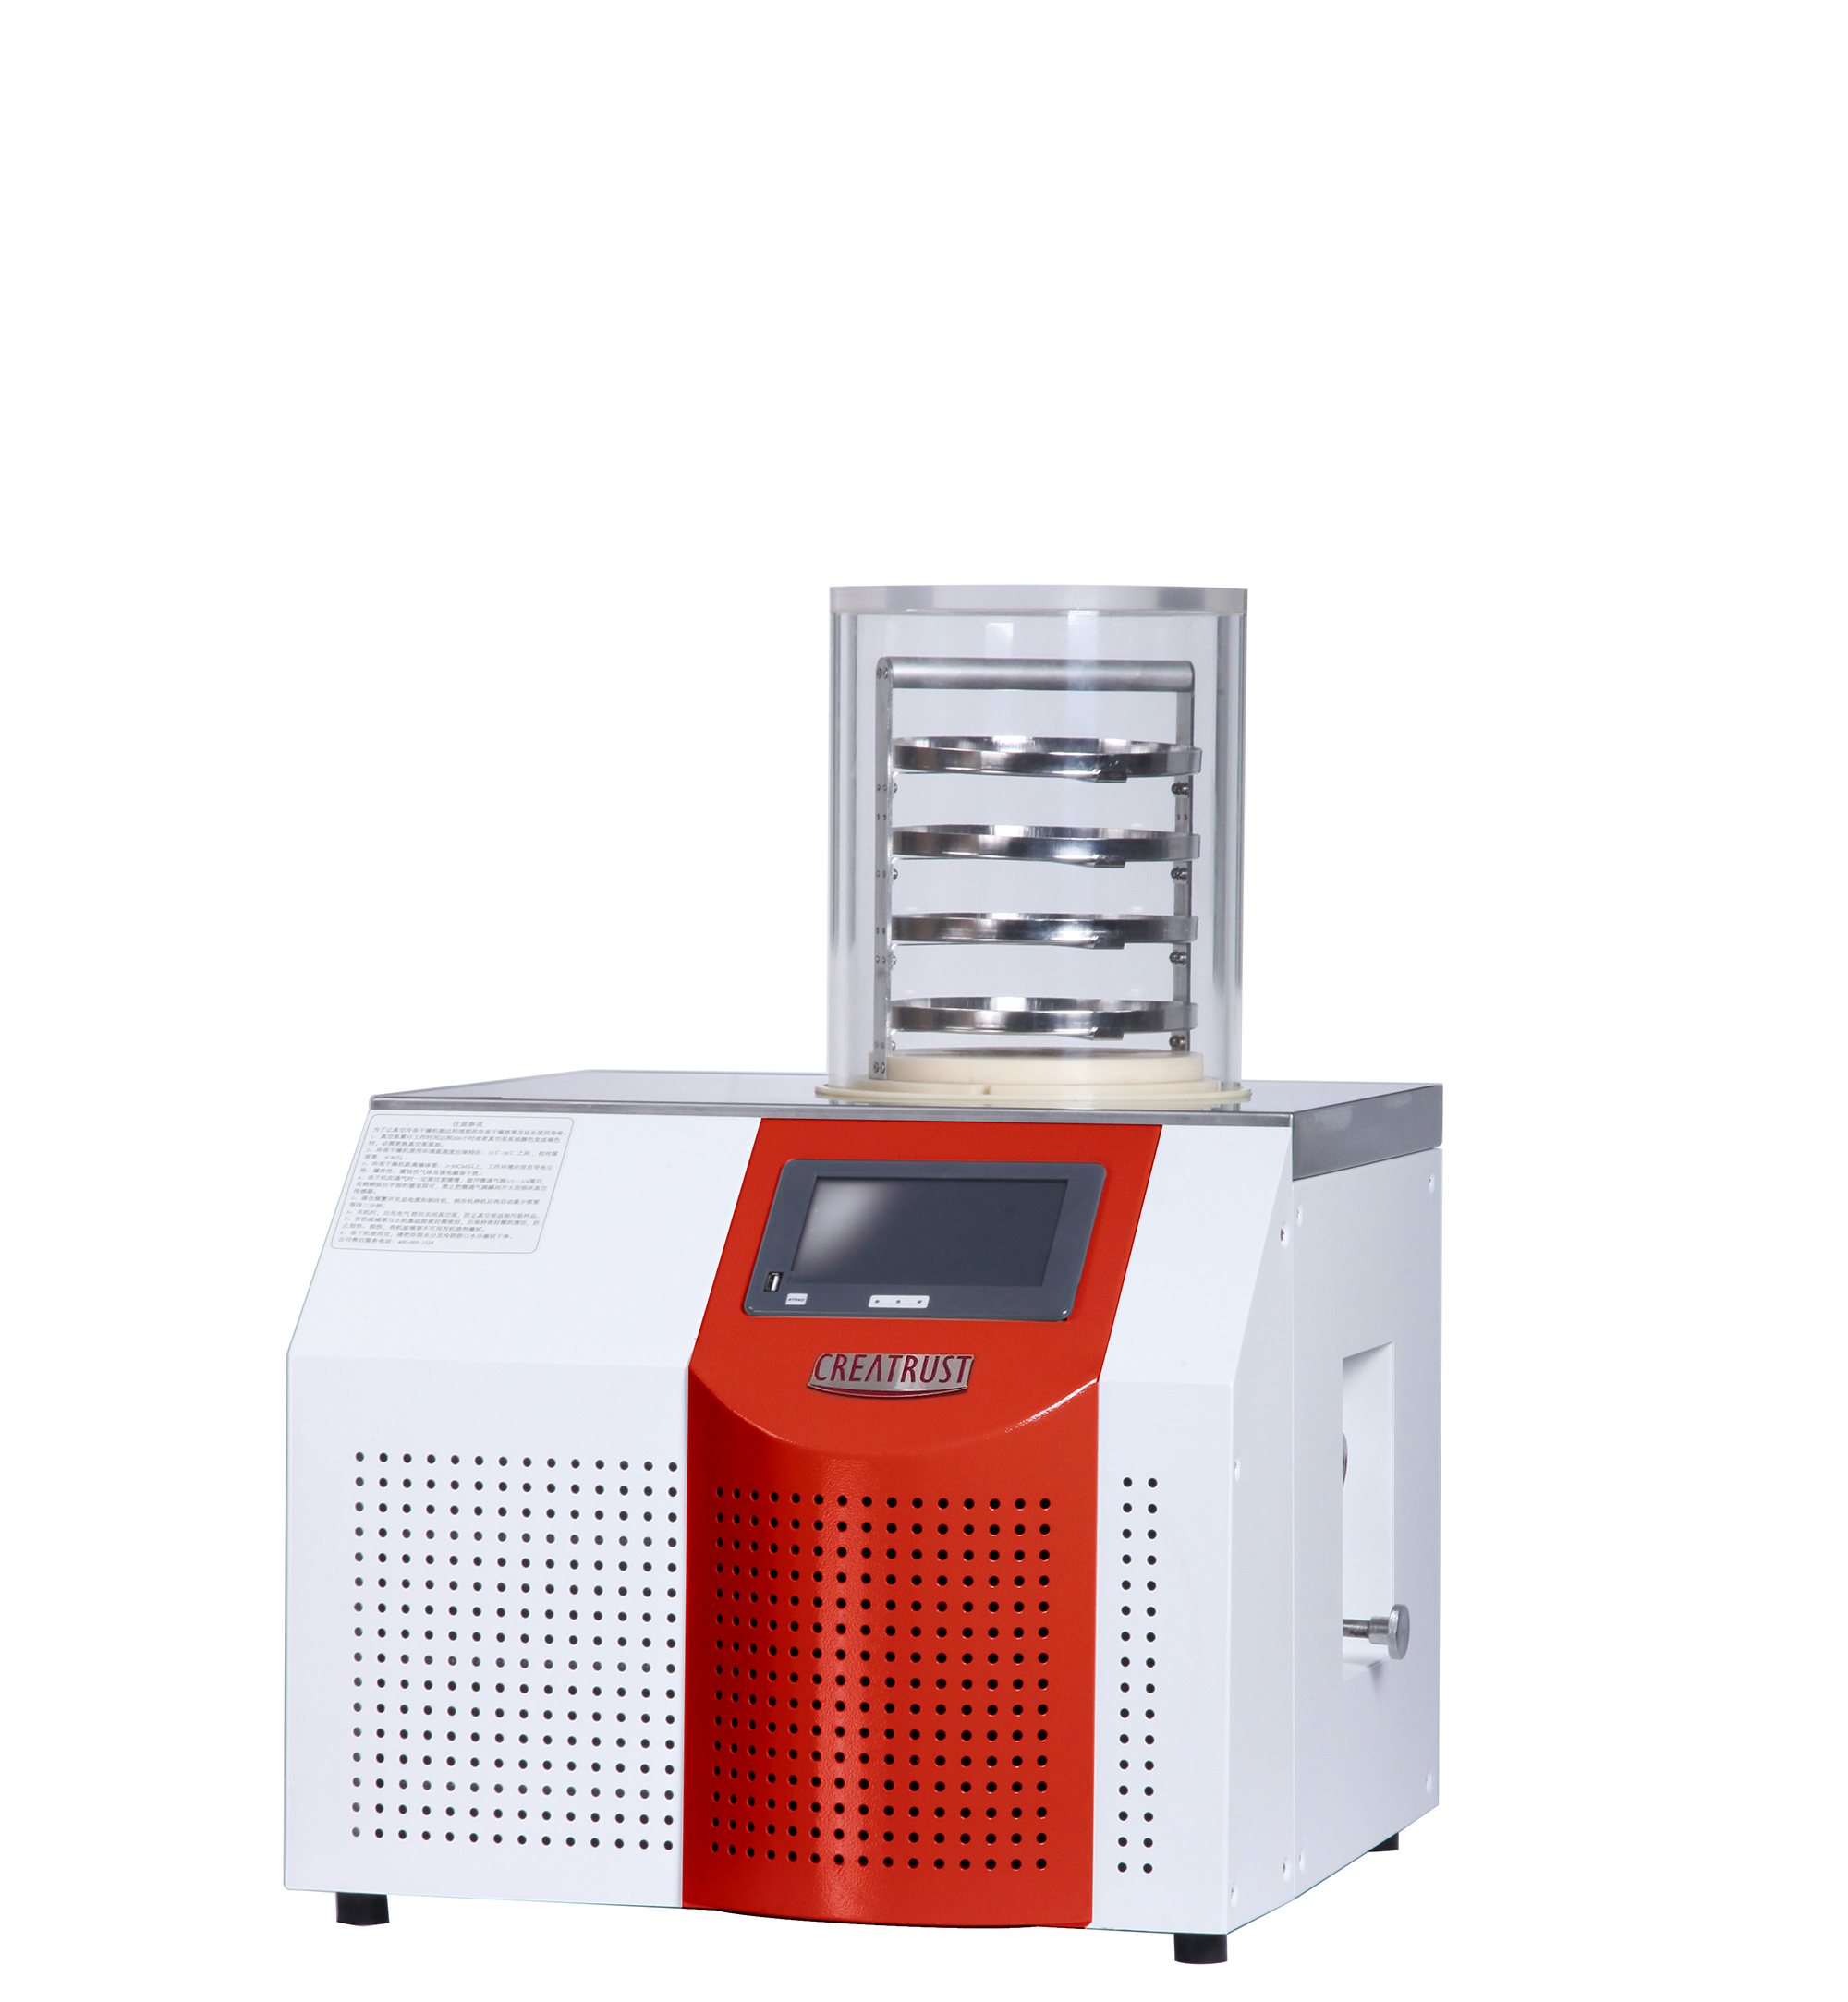 国产实验室冷冻干燥机CTFD-10S